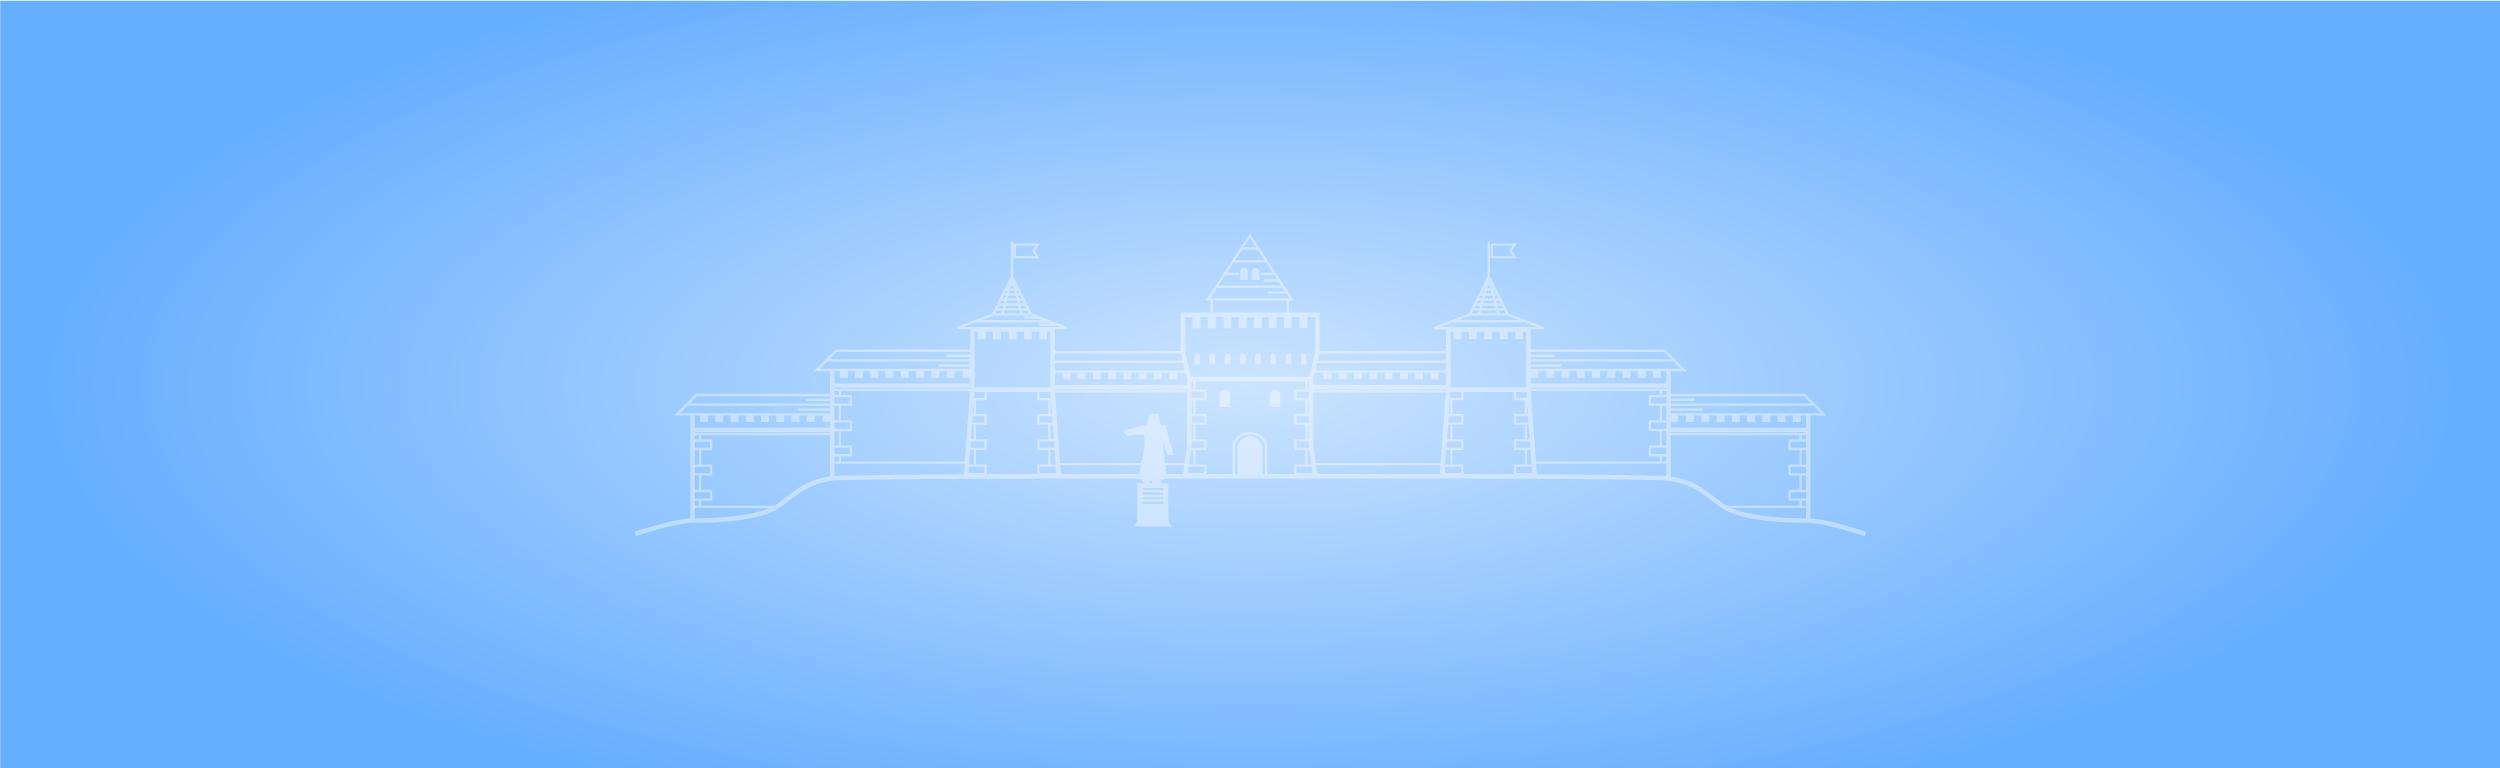 """Создание landing page для автошколы из Нижнего Новгорода """"6 звезд"""""""